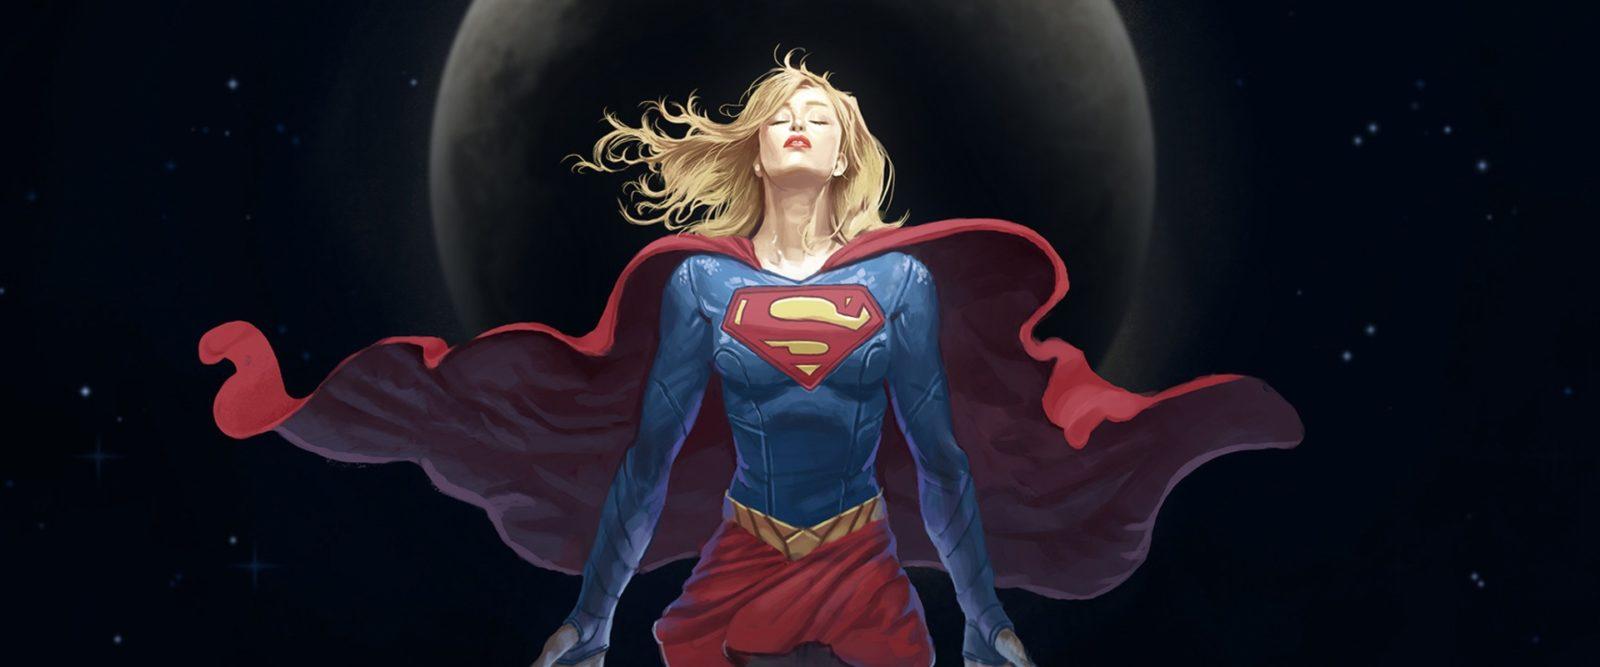 Киновселенная DC представит новую Супергёрл